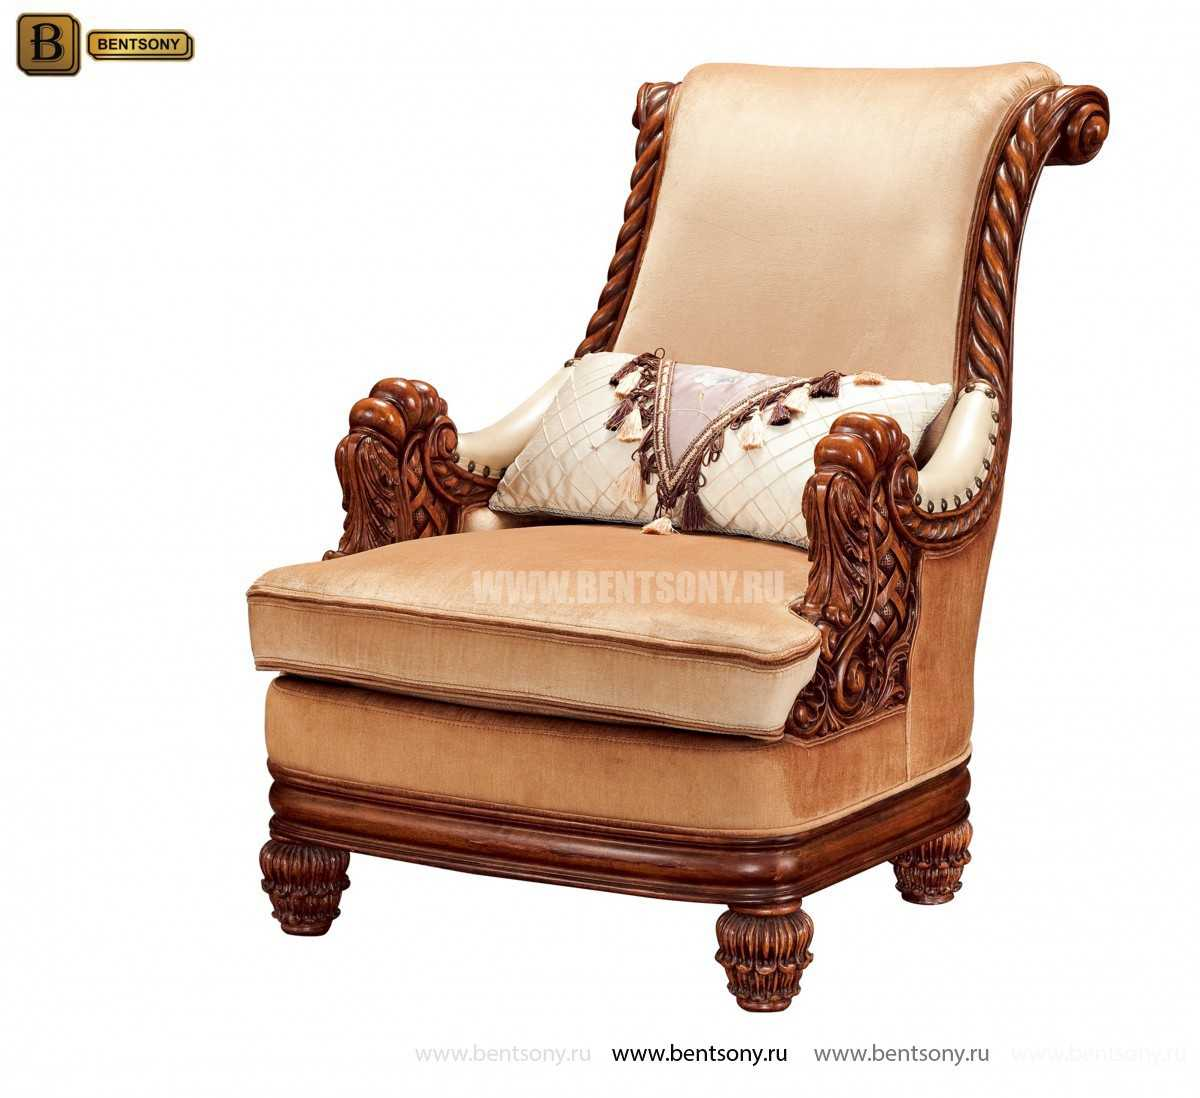 Кресло для отдыха Монтана В (Классика) для загородного дома